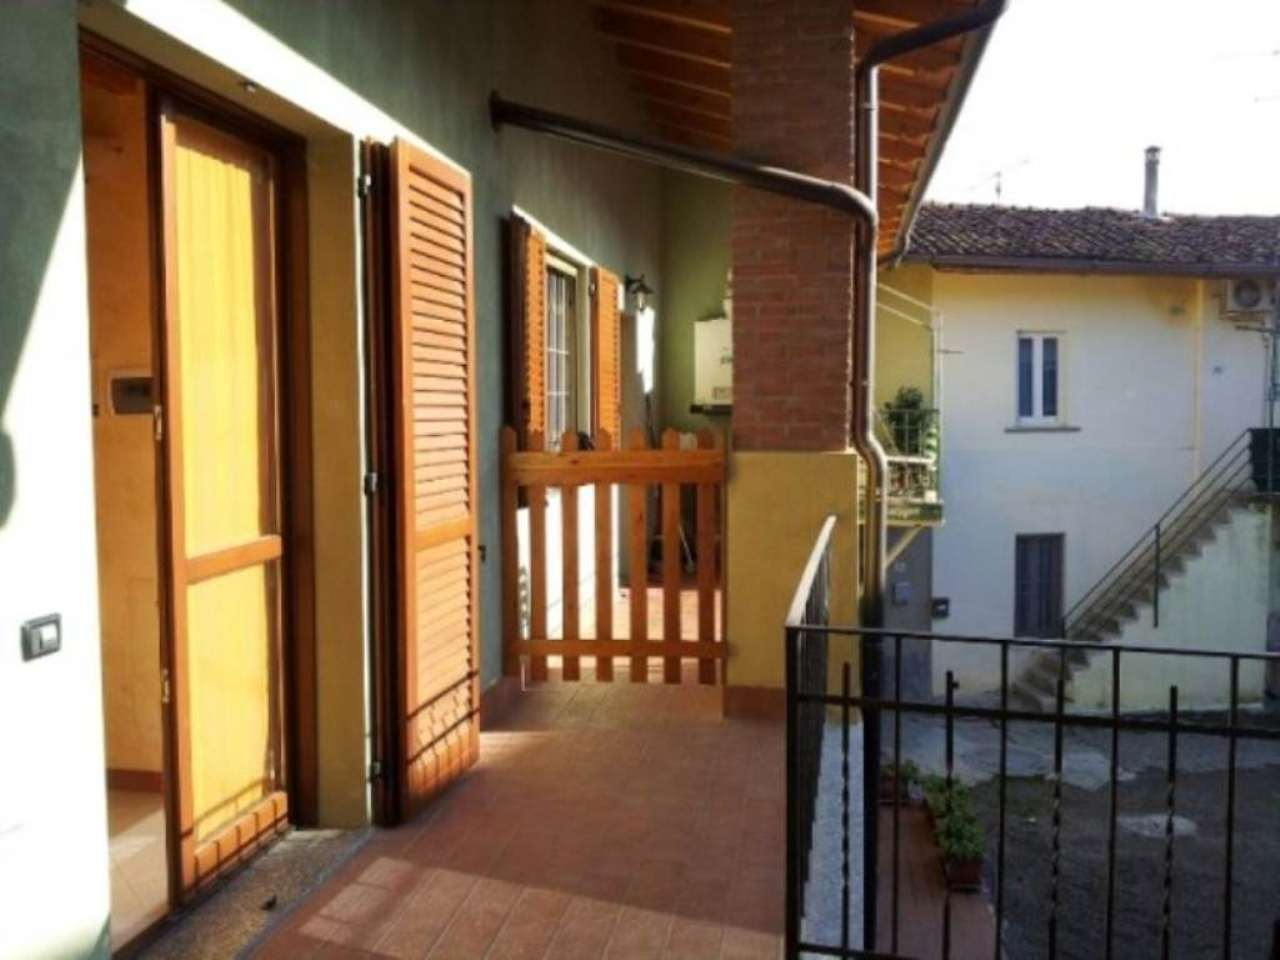 Appartamento in vendita a Brembate, 2 locali, prezzo € 68.000 | Cambio Casa.it